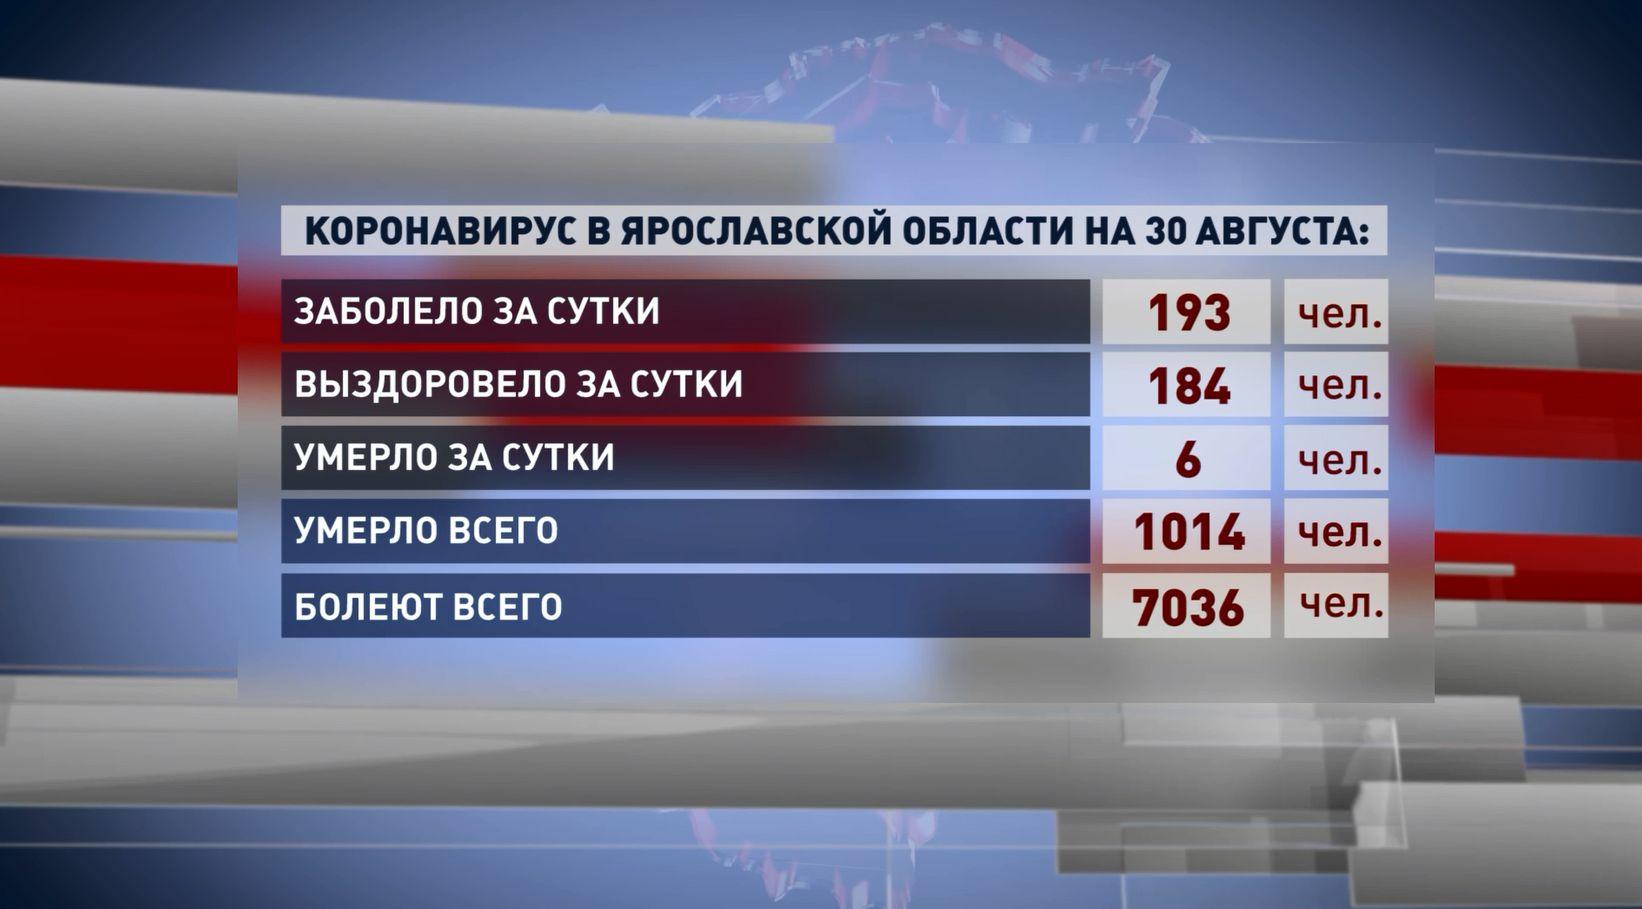 193 новых случаев коронавирусной инфекции выявлено в Ярославской области за сутки